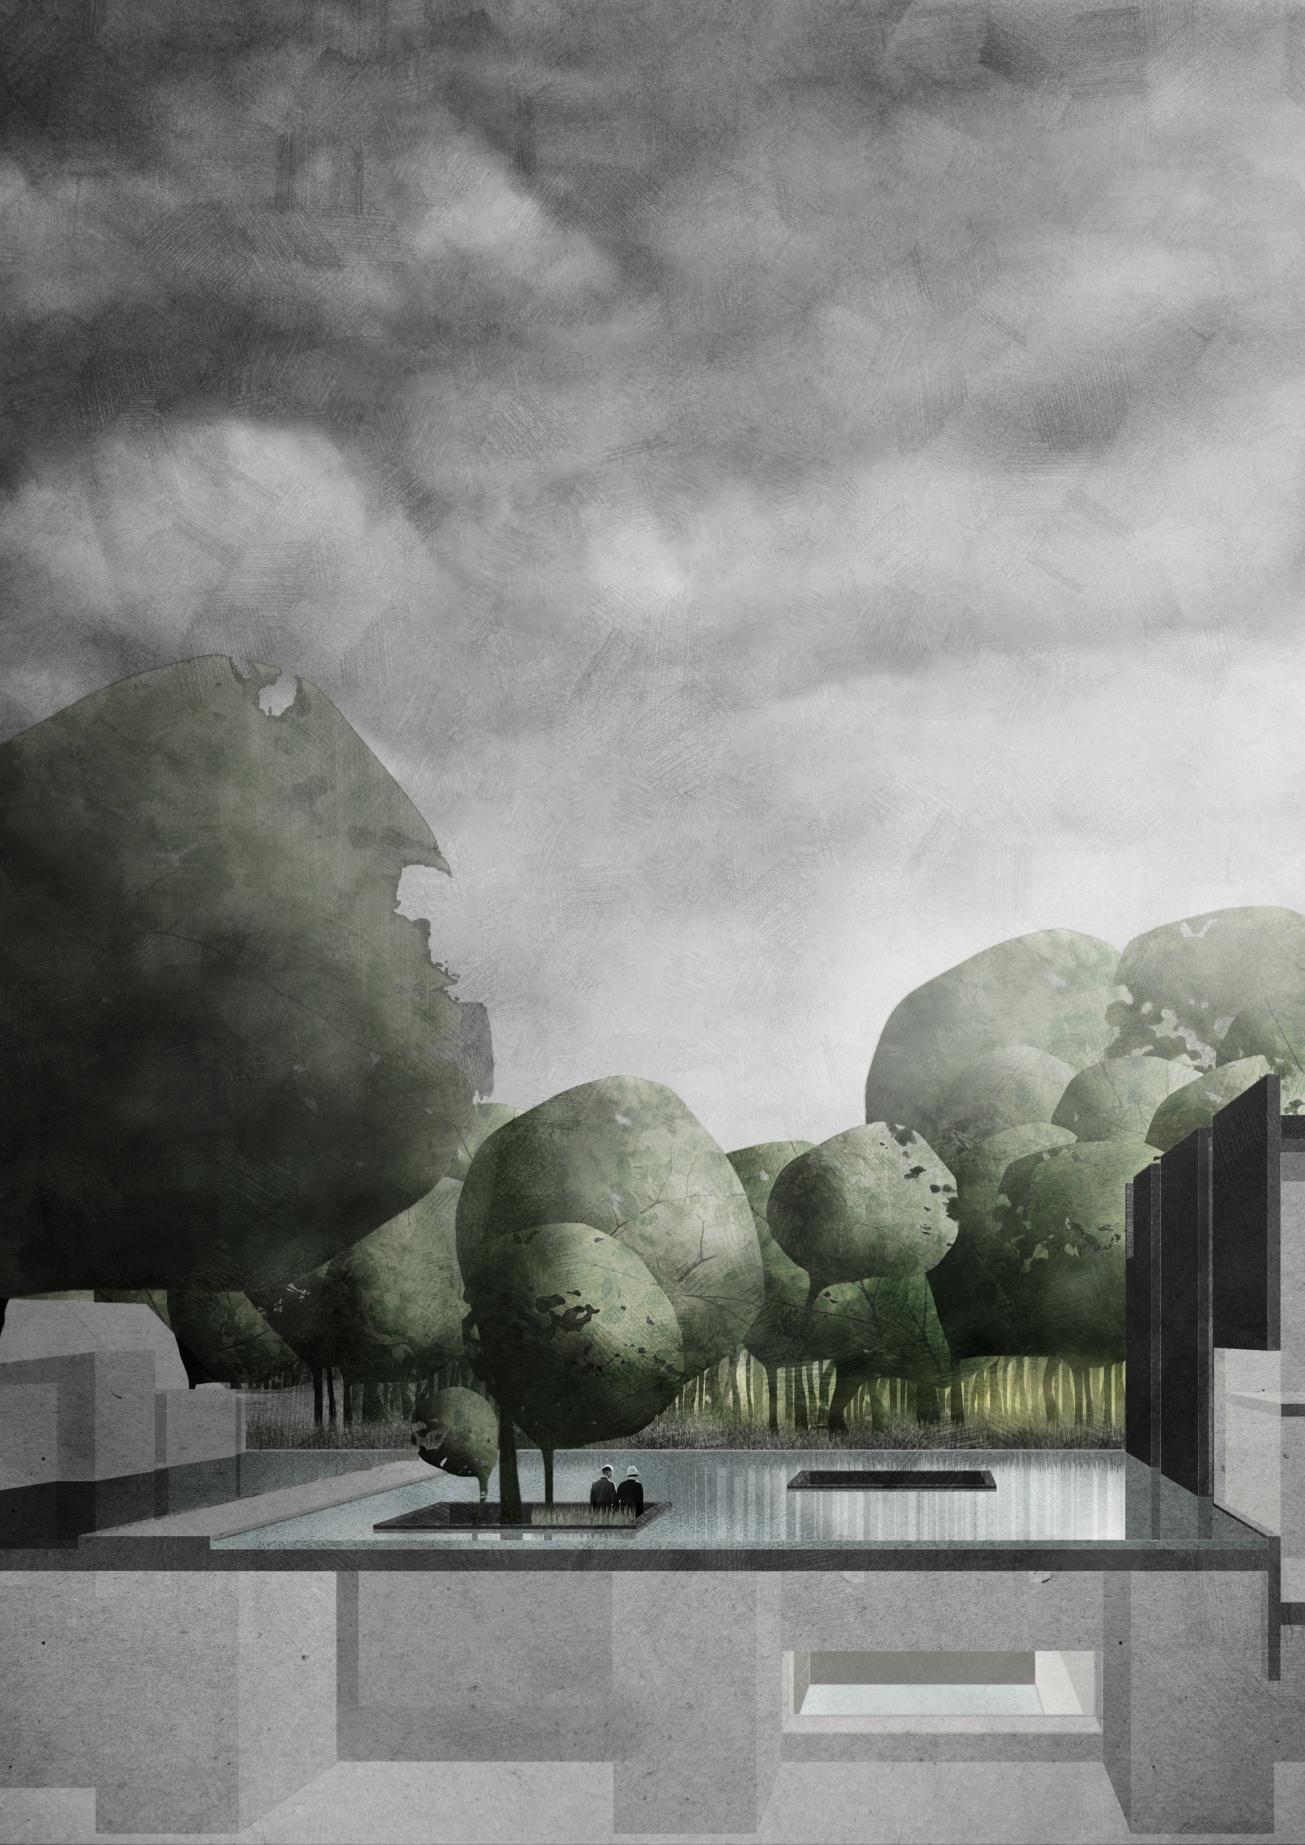 kolab-arkitekter_9